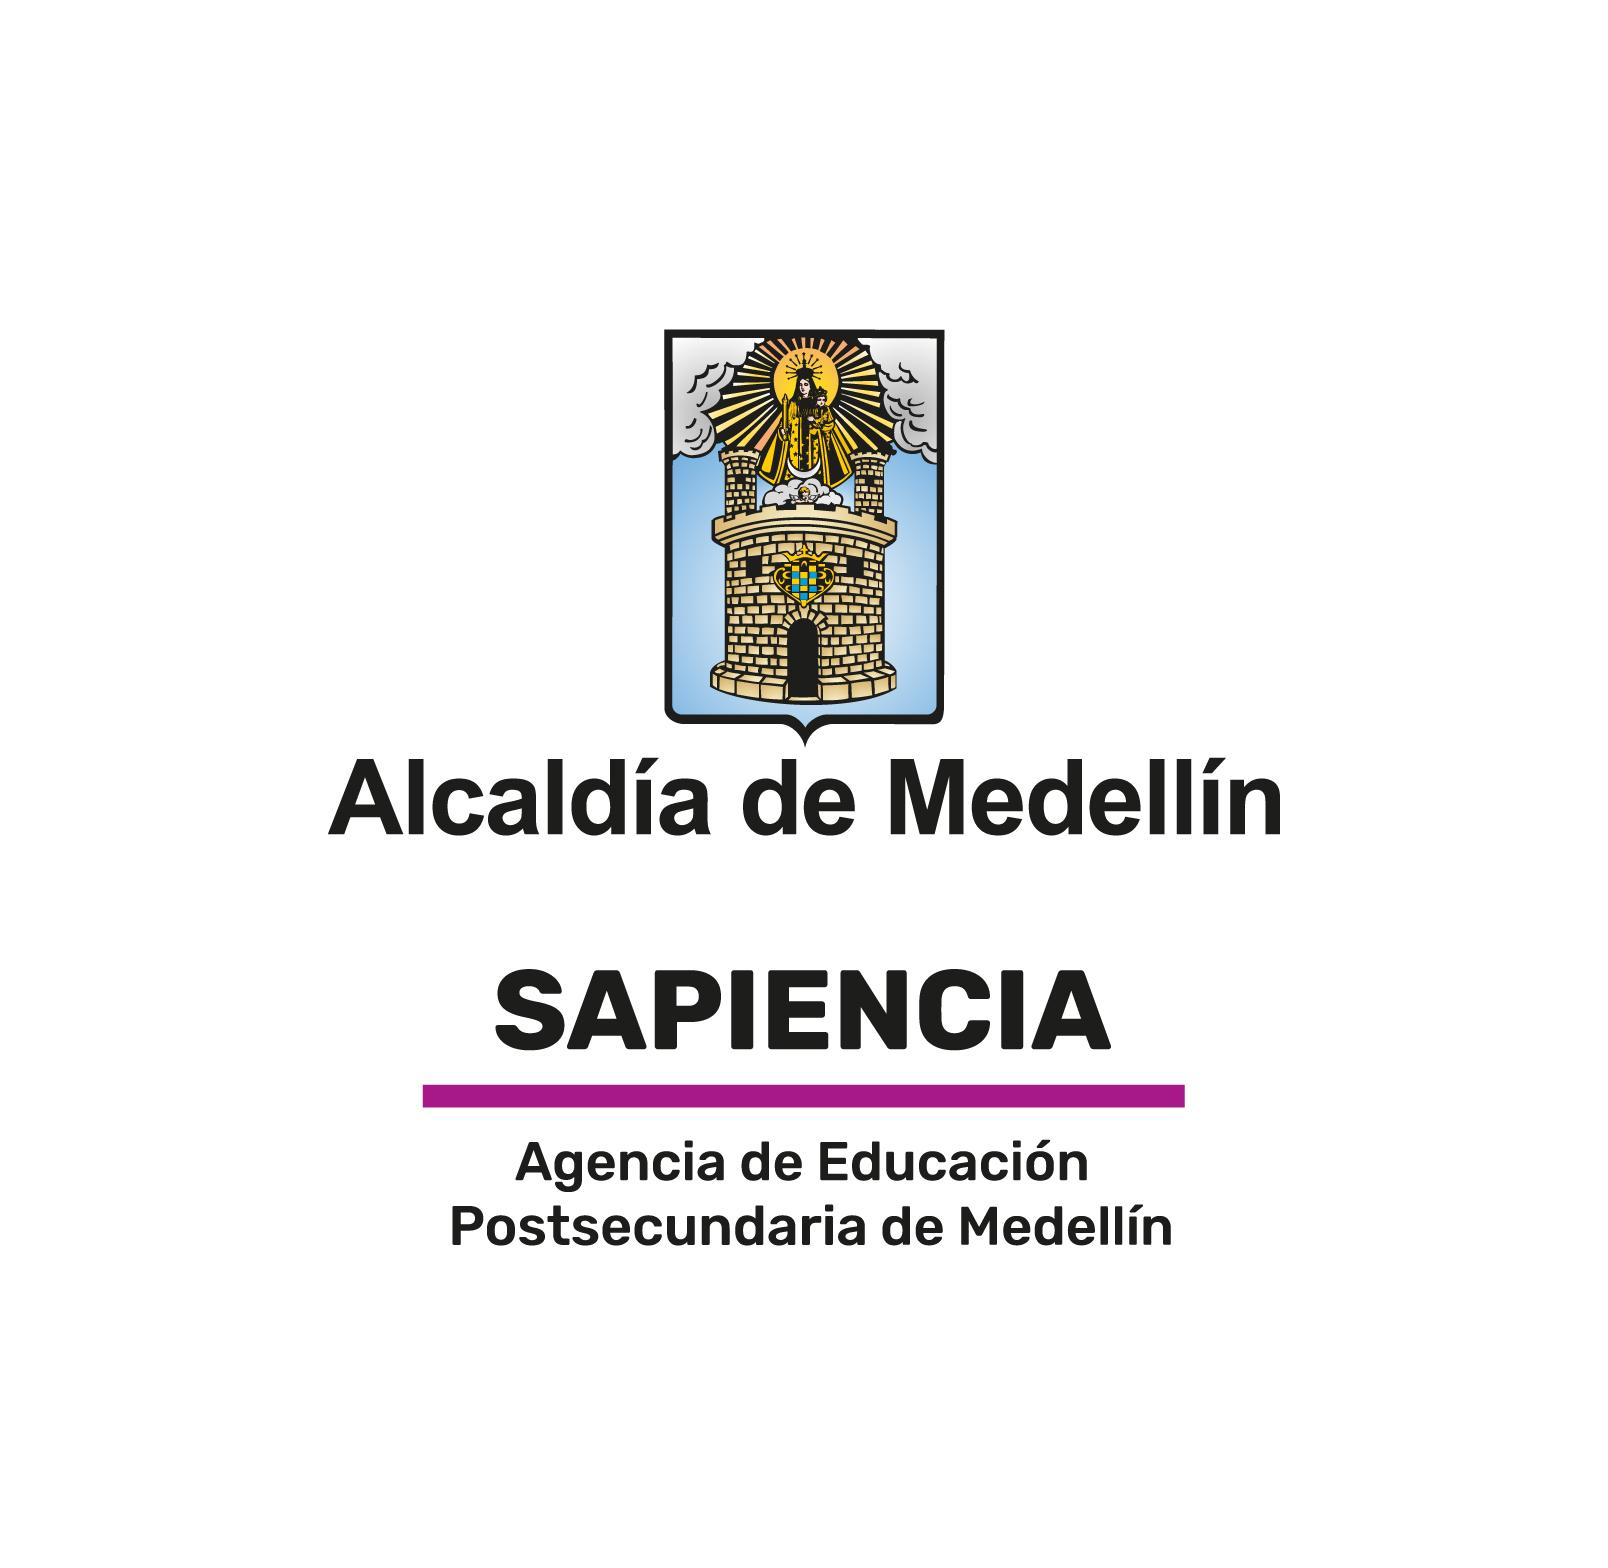 Agencia de Educación Postsecundaria de Medellín – Sapiencia. Encuentra oportunidades para estudiar en Medellín con los Fondos y Becas de la Alcaldía de Medellín.